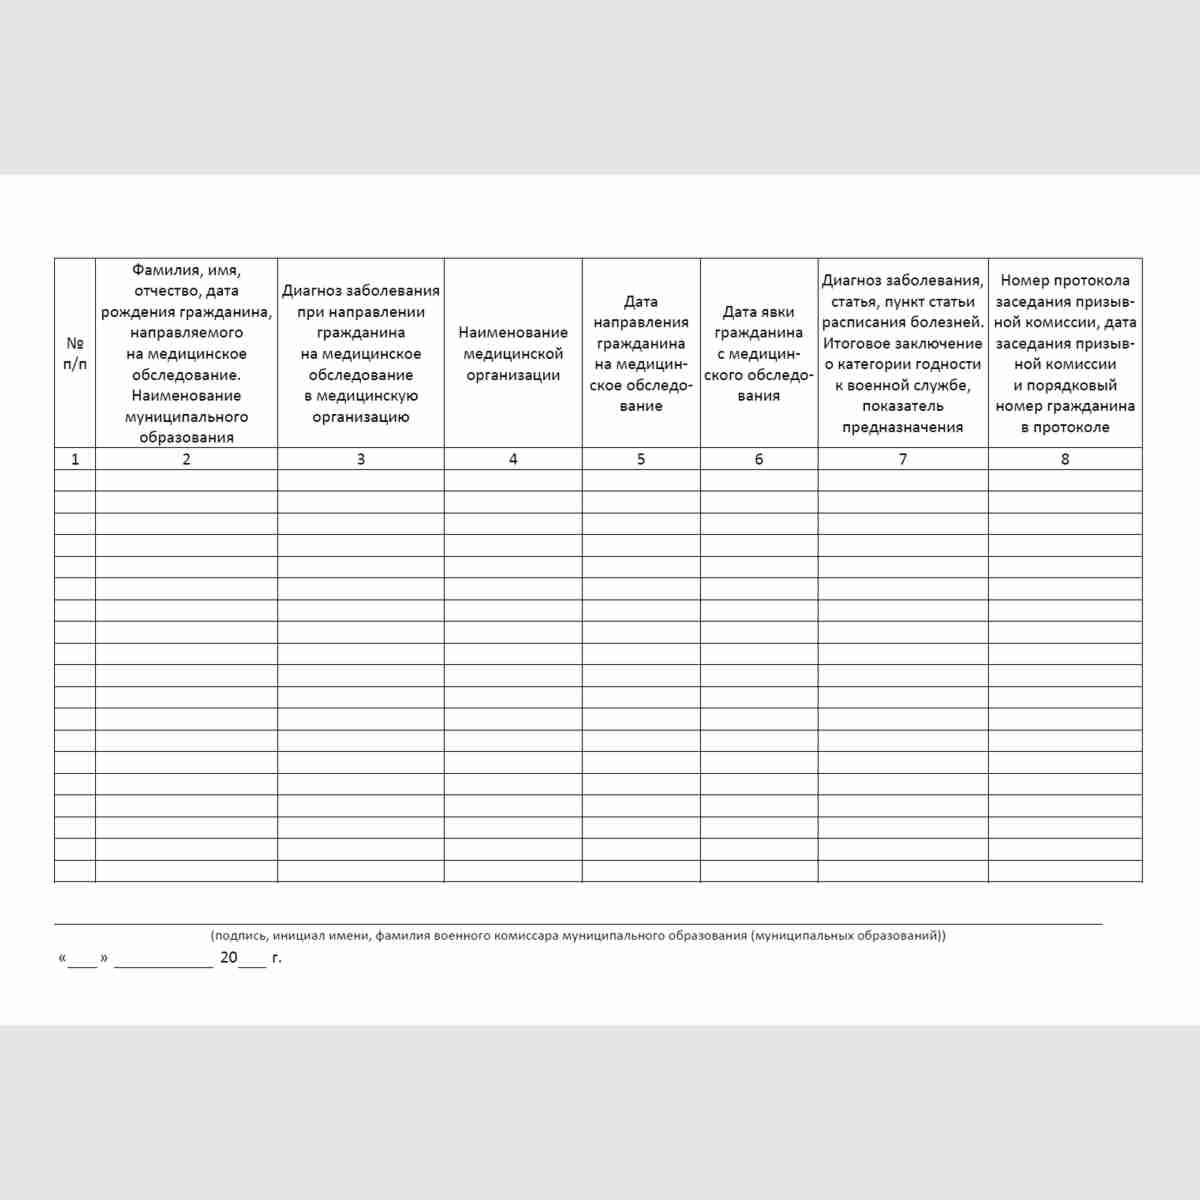 """Форма """"Книга учета граждан, направленных на медицинское обследование"""". Лист книги"""